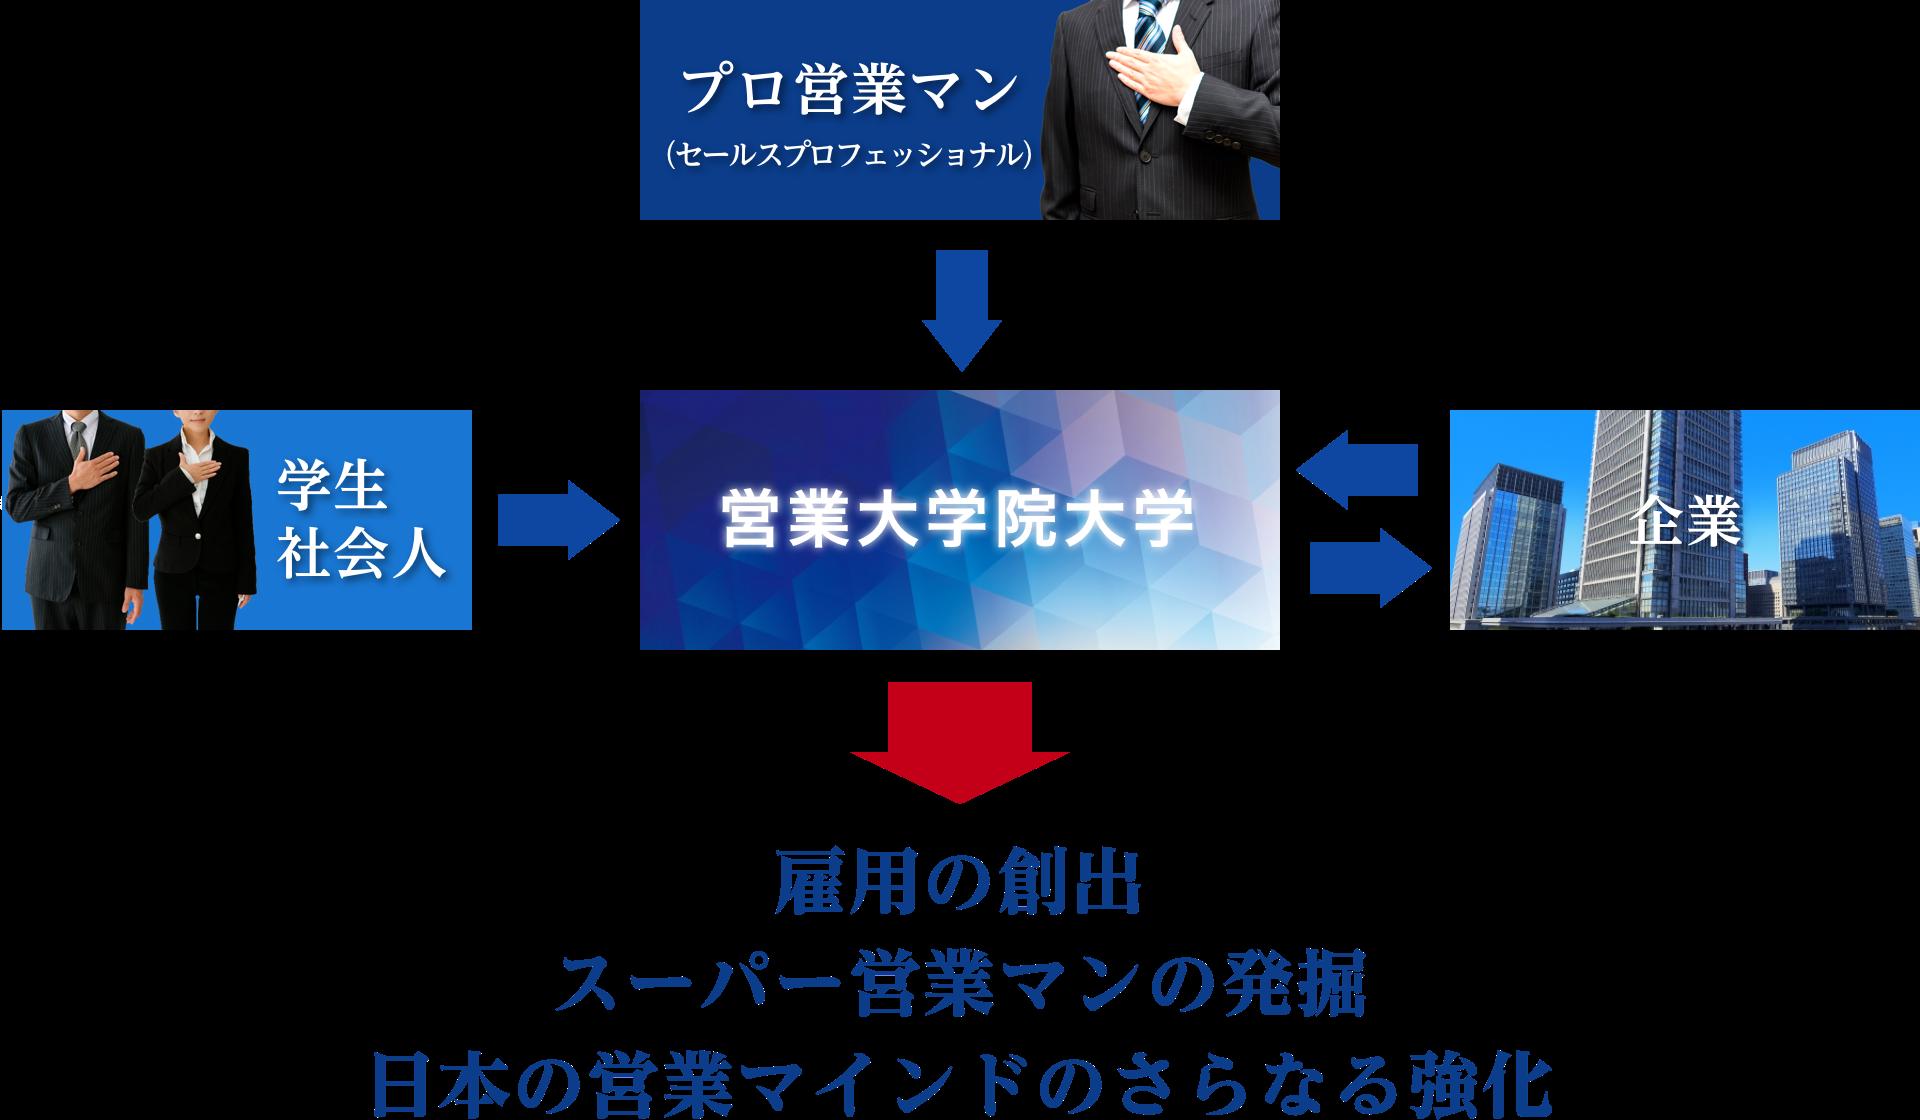 営業大学院大学構想イメージ